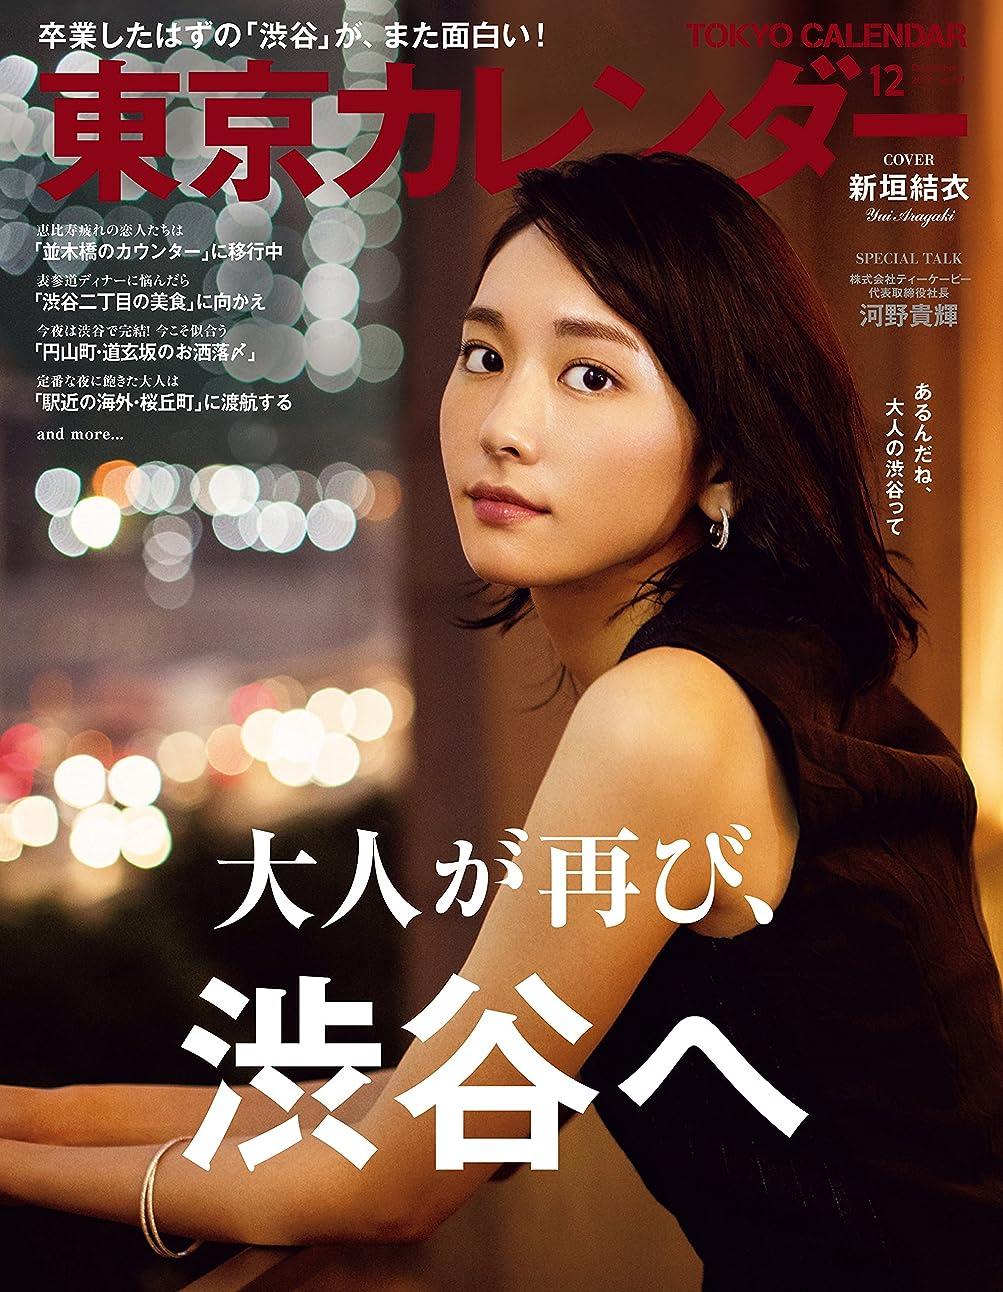 シネマビタミンフルーツ野菜東京カレンダー 2017年 12月号 [雑誌]